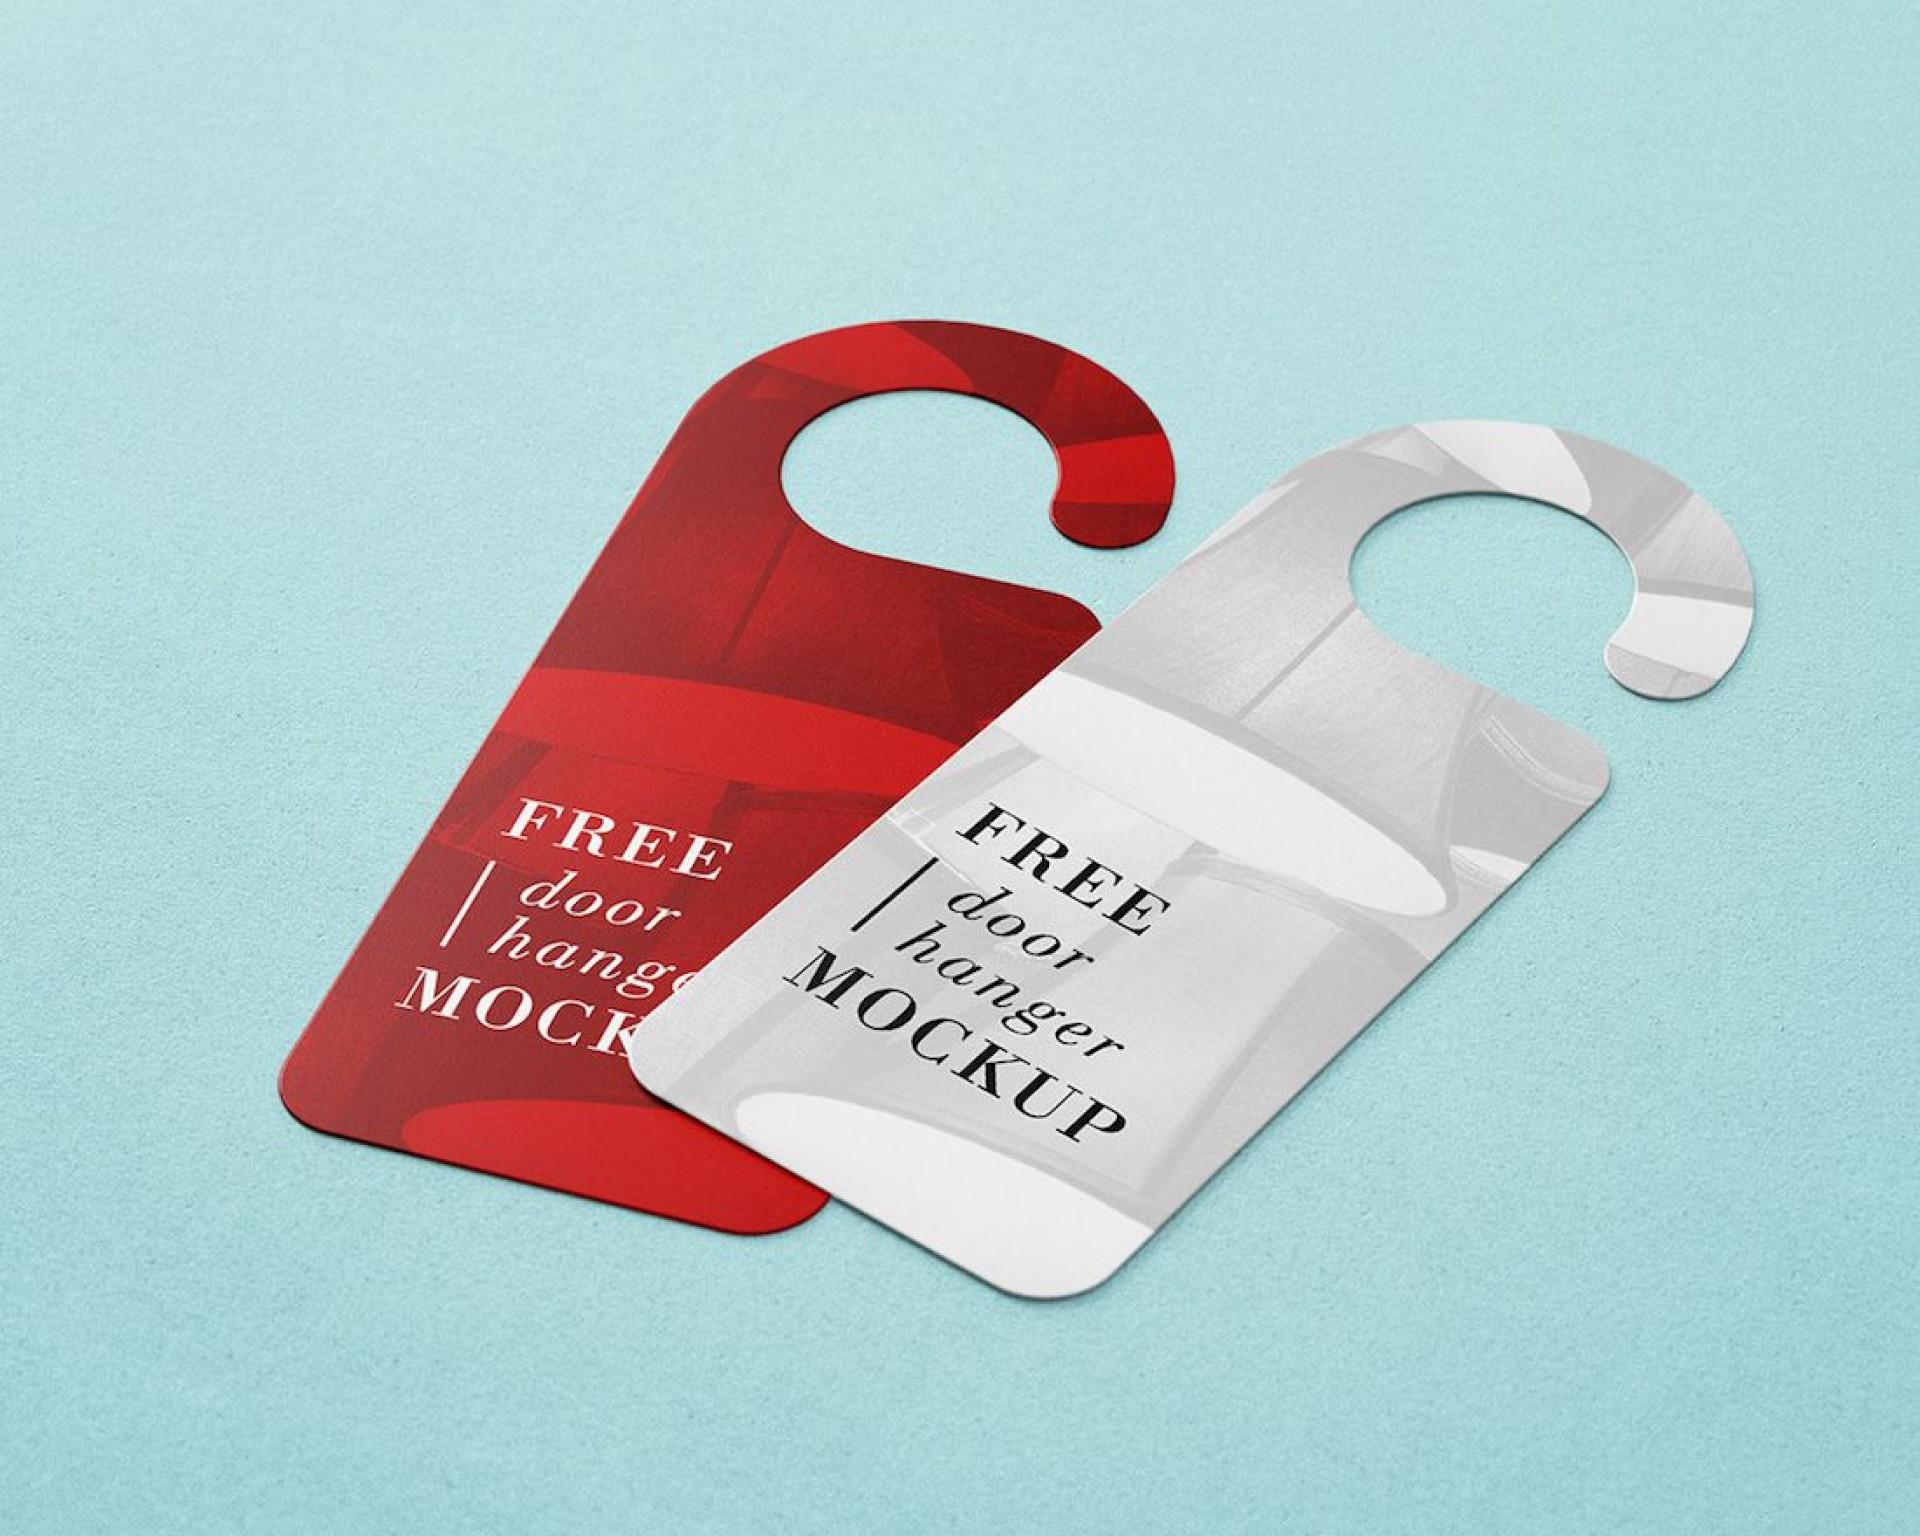 003 Top Free Door Hanger Template Picture  Templates Printable Wedding Blank Doorknob1920